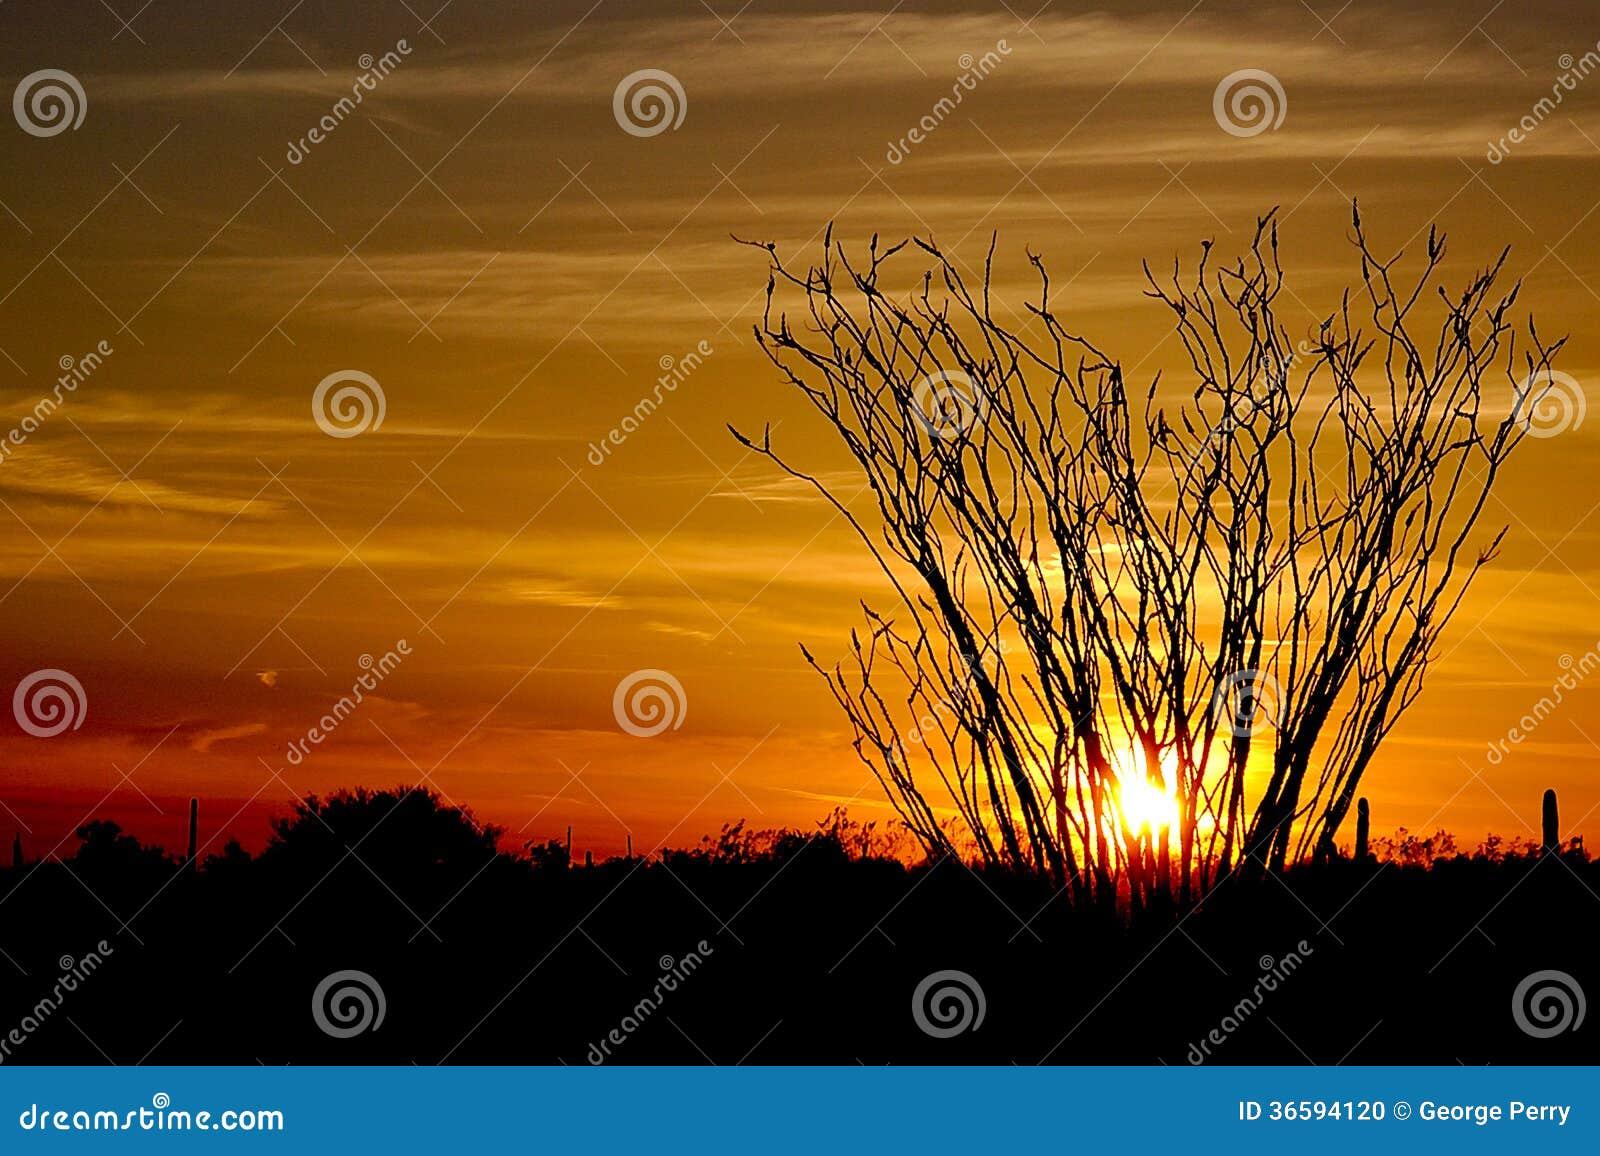 Ocotillo at sundown